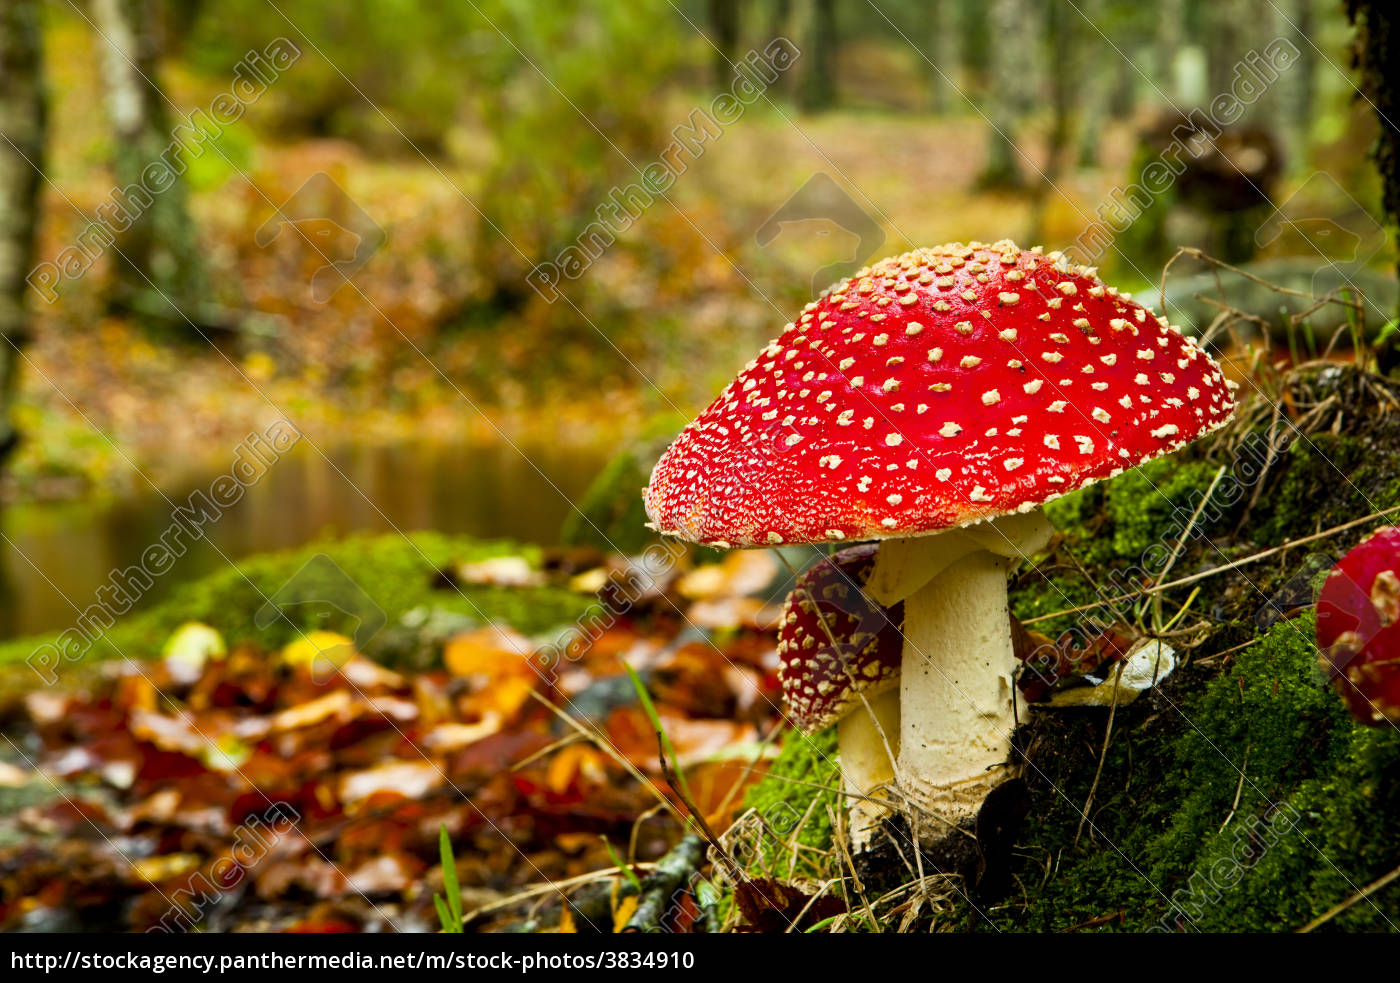 , amanita, poisonous, mushroom - 3834910